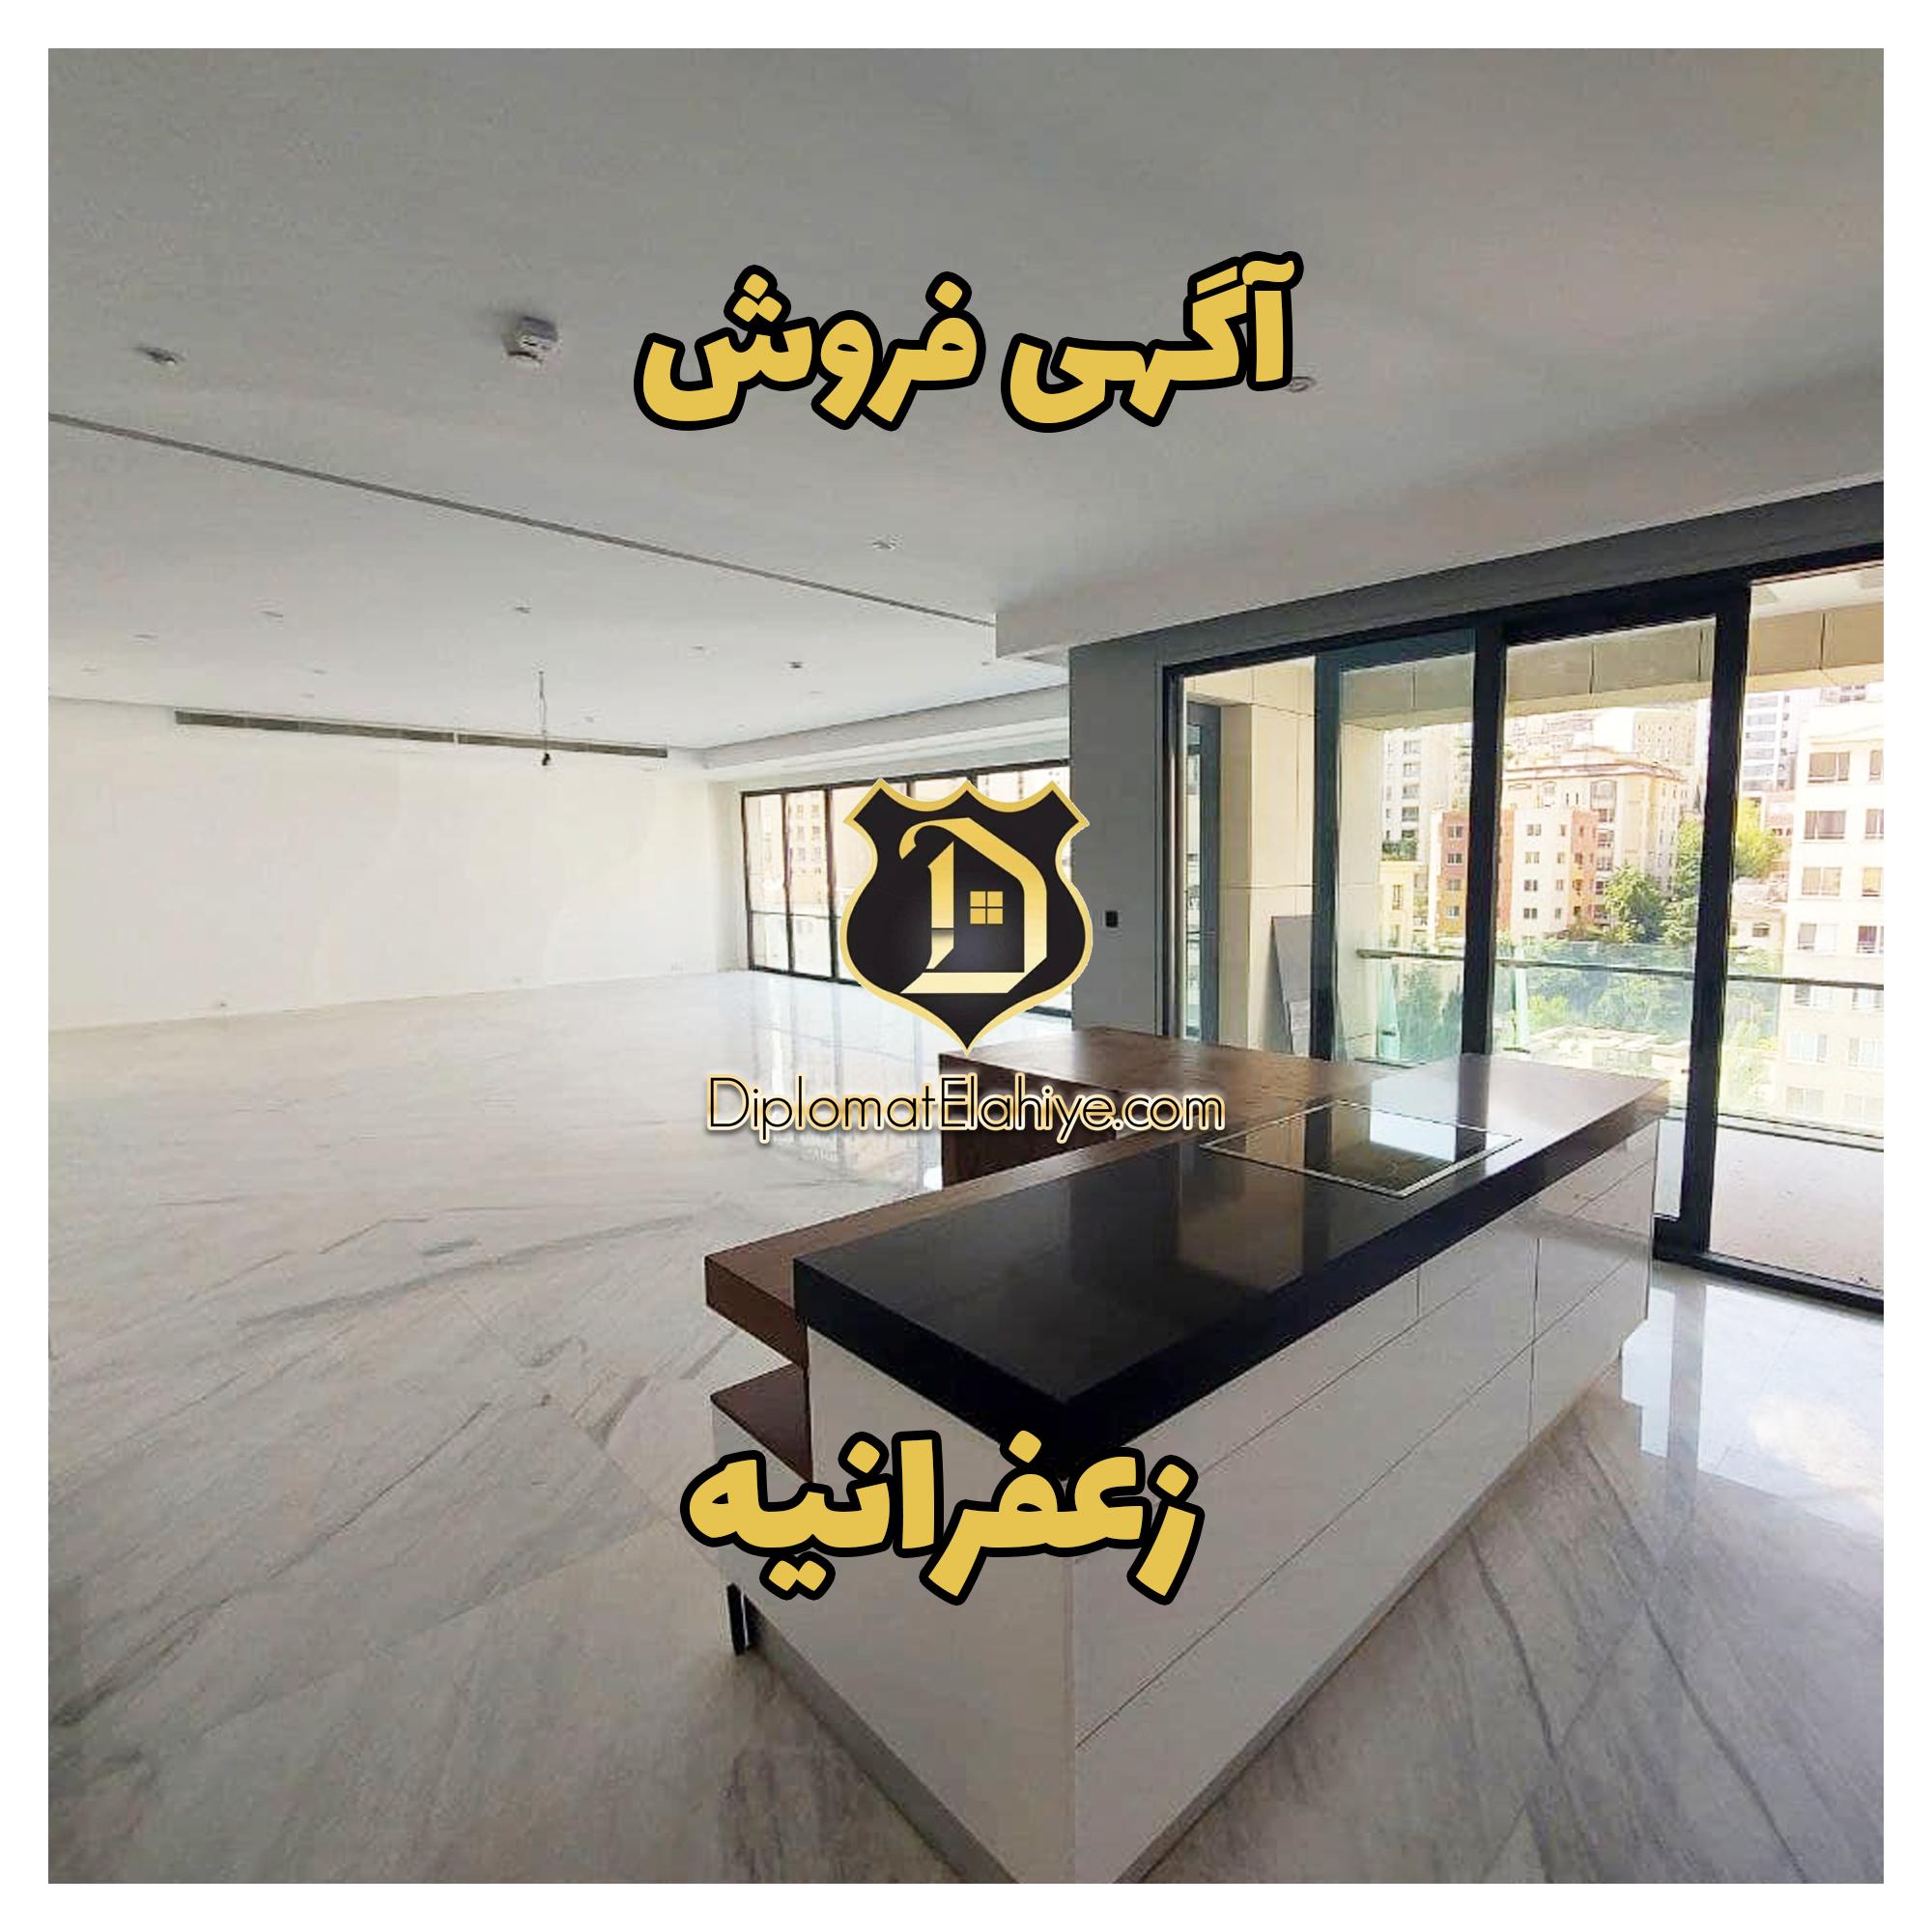 آگهی فروش _ زعفرانیه